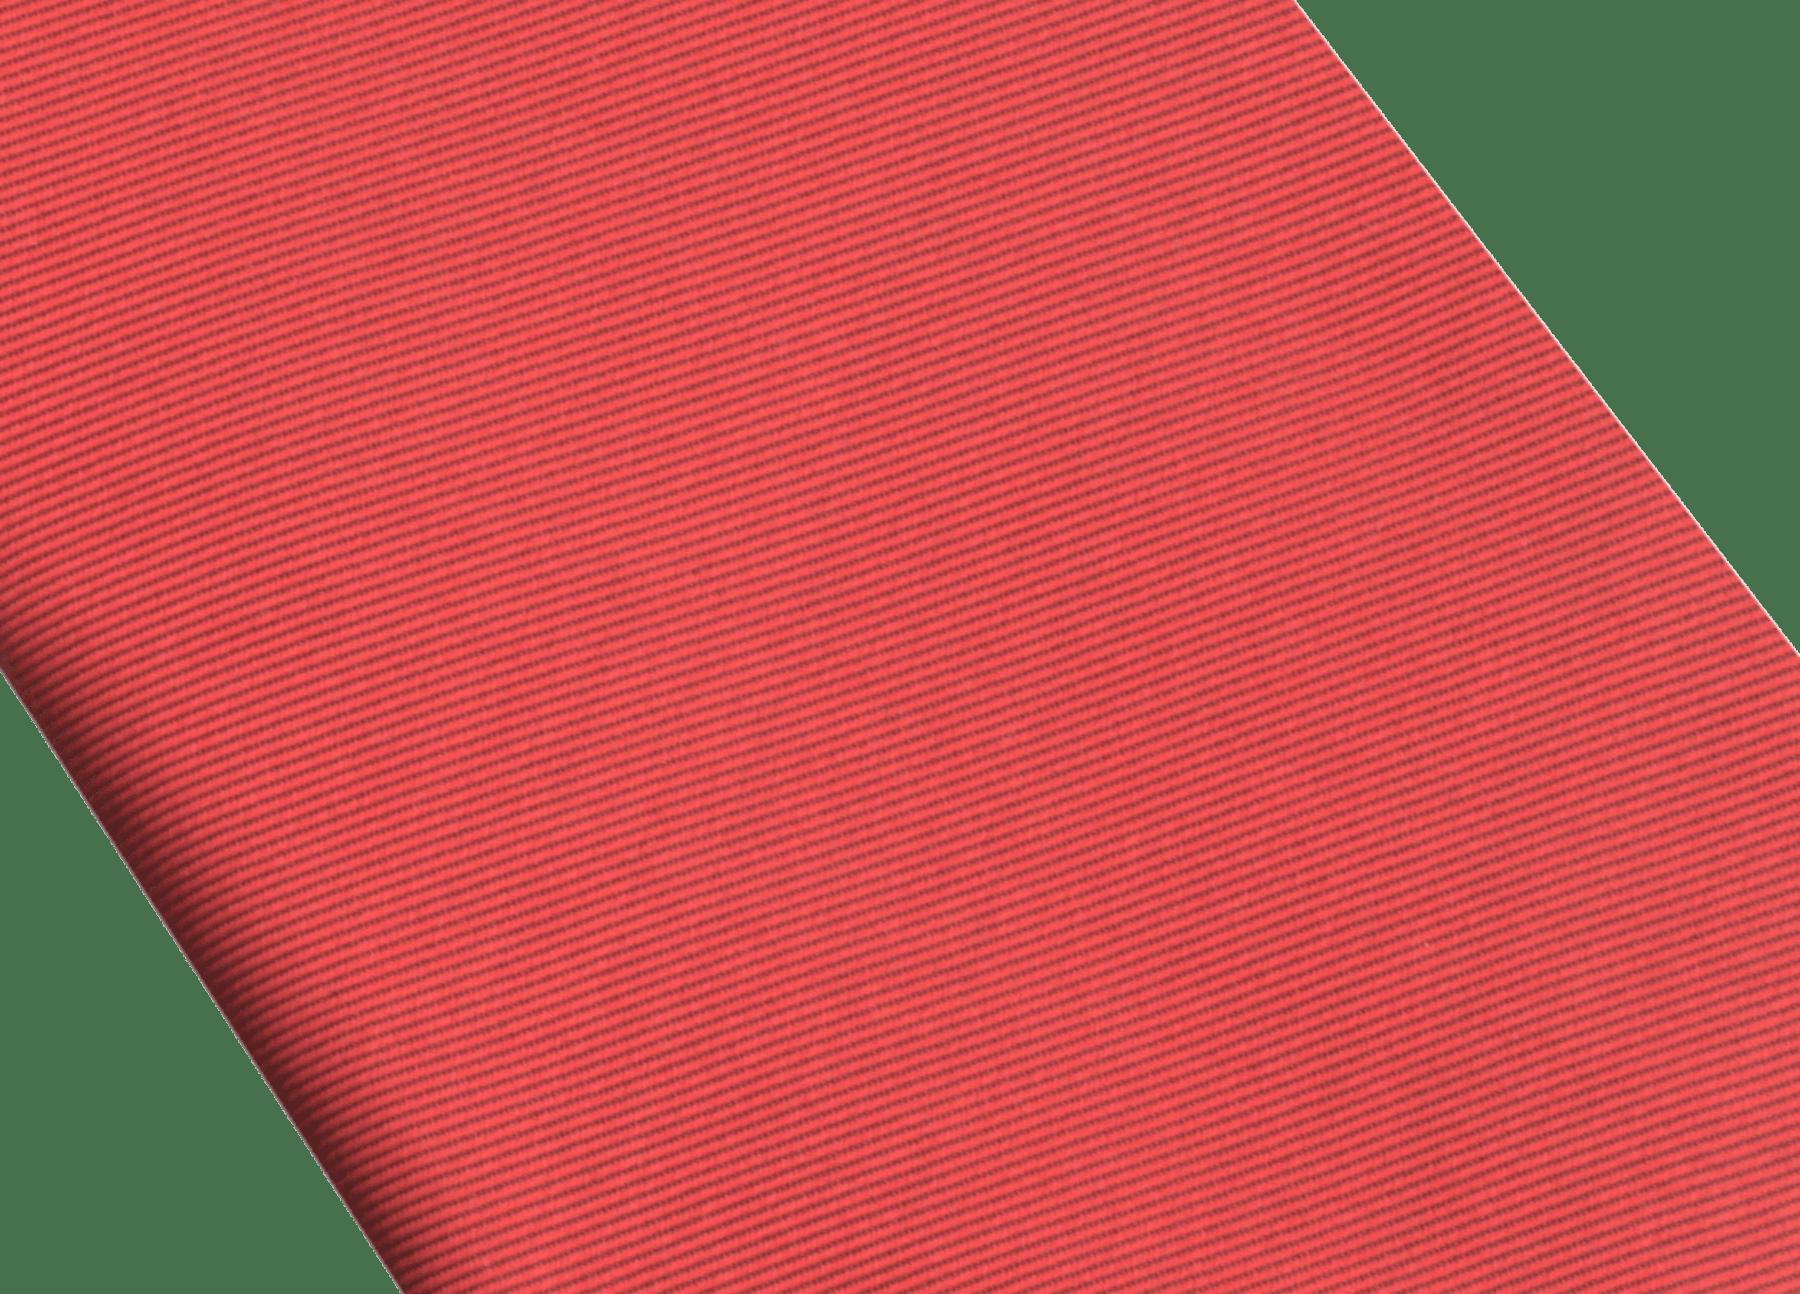 グレーとピンクの上質なジャガードシルク製「エレクトロ ブルガリ」セブンフォールドタイ。 ELECTROBULGARI image 2